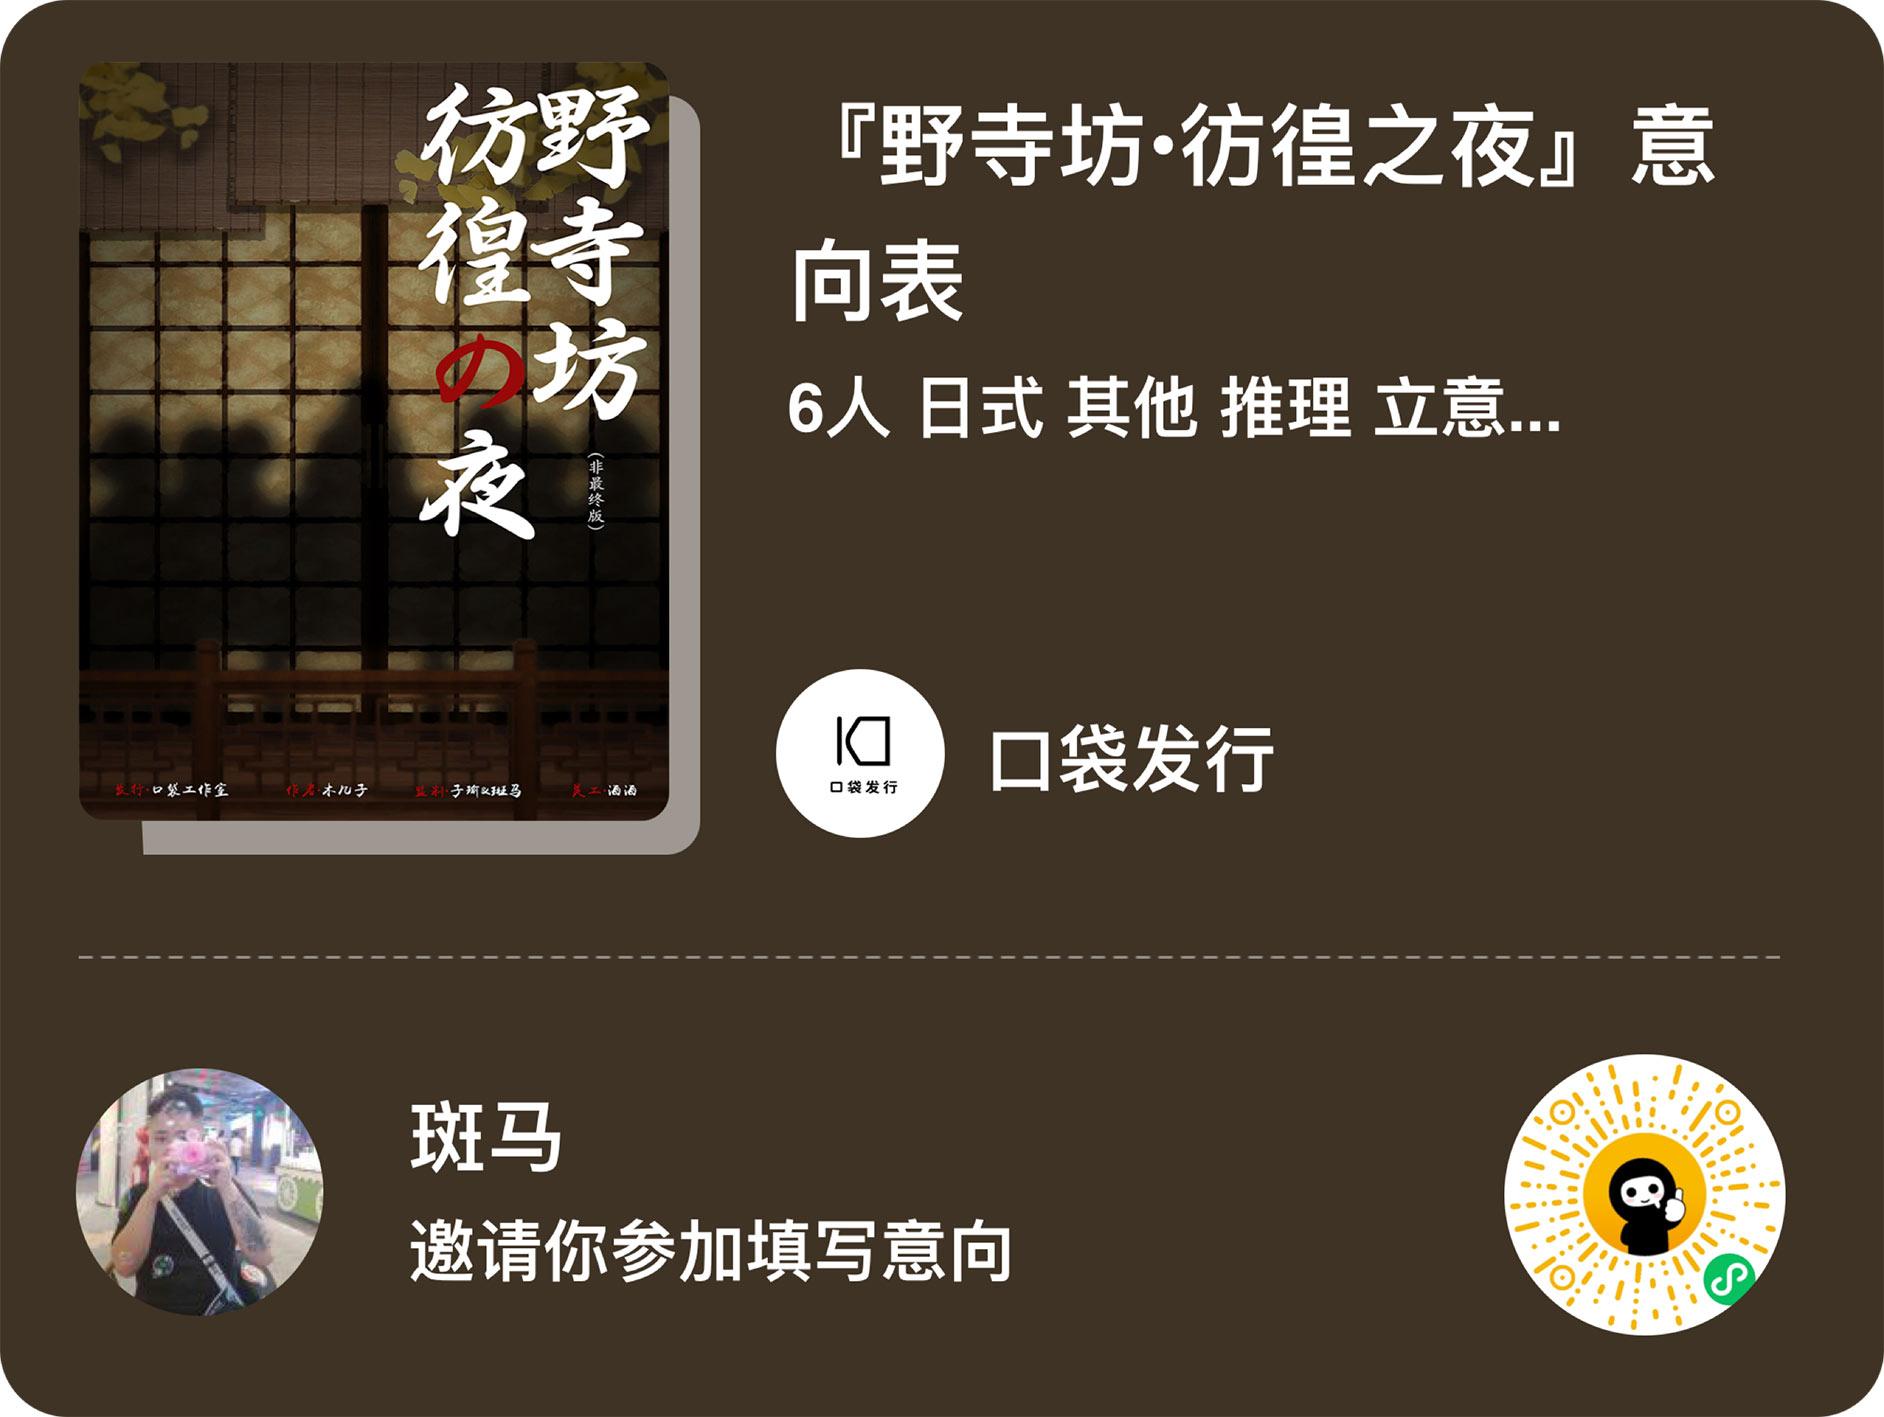 『野寺坊•彷徨之夜』剧本杀复盘凶手真相解析